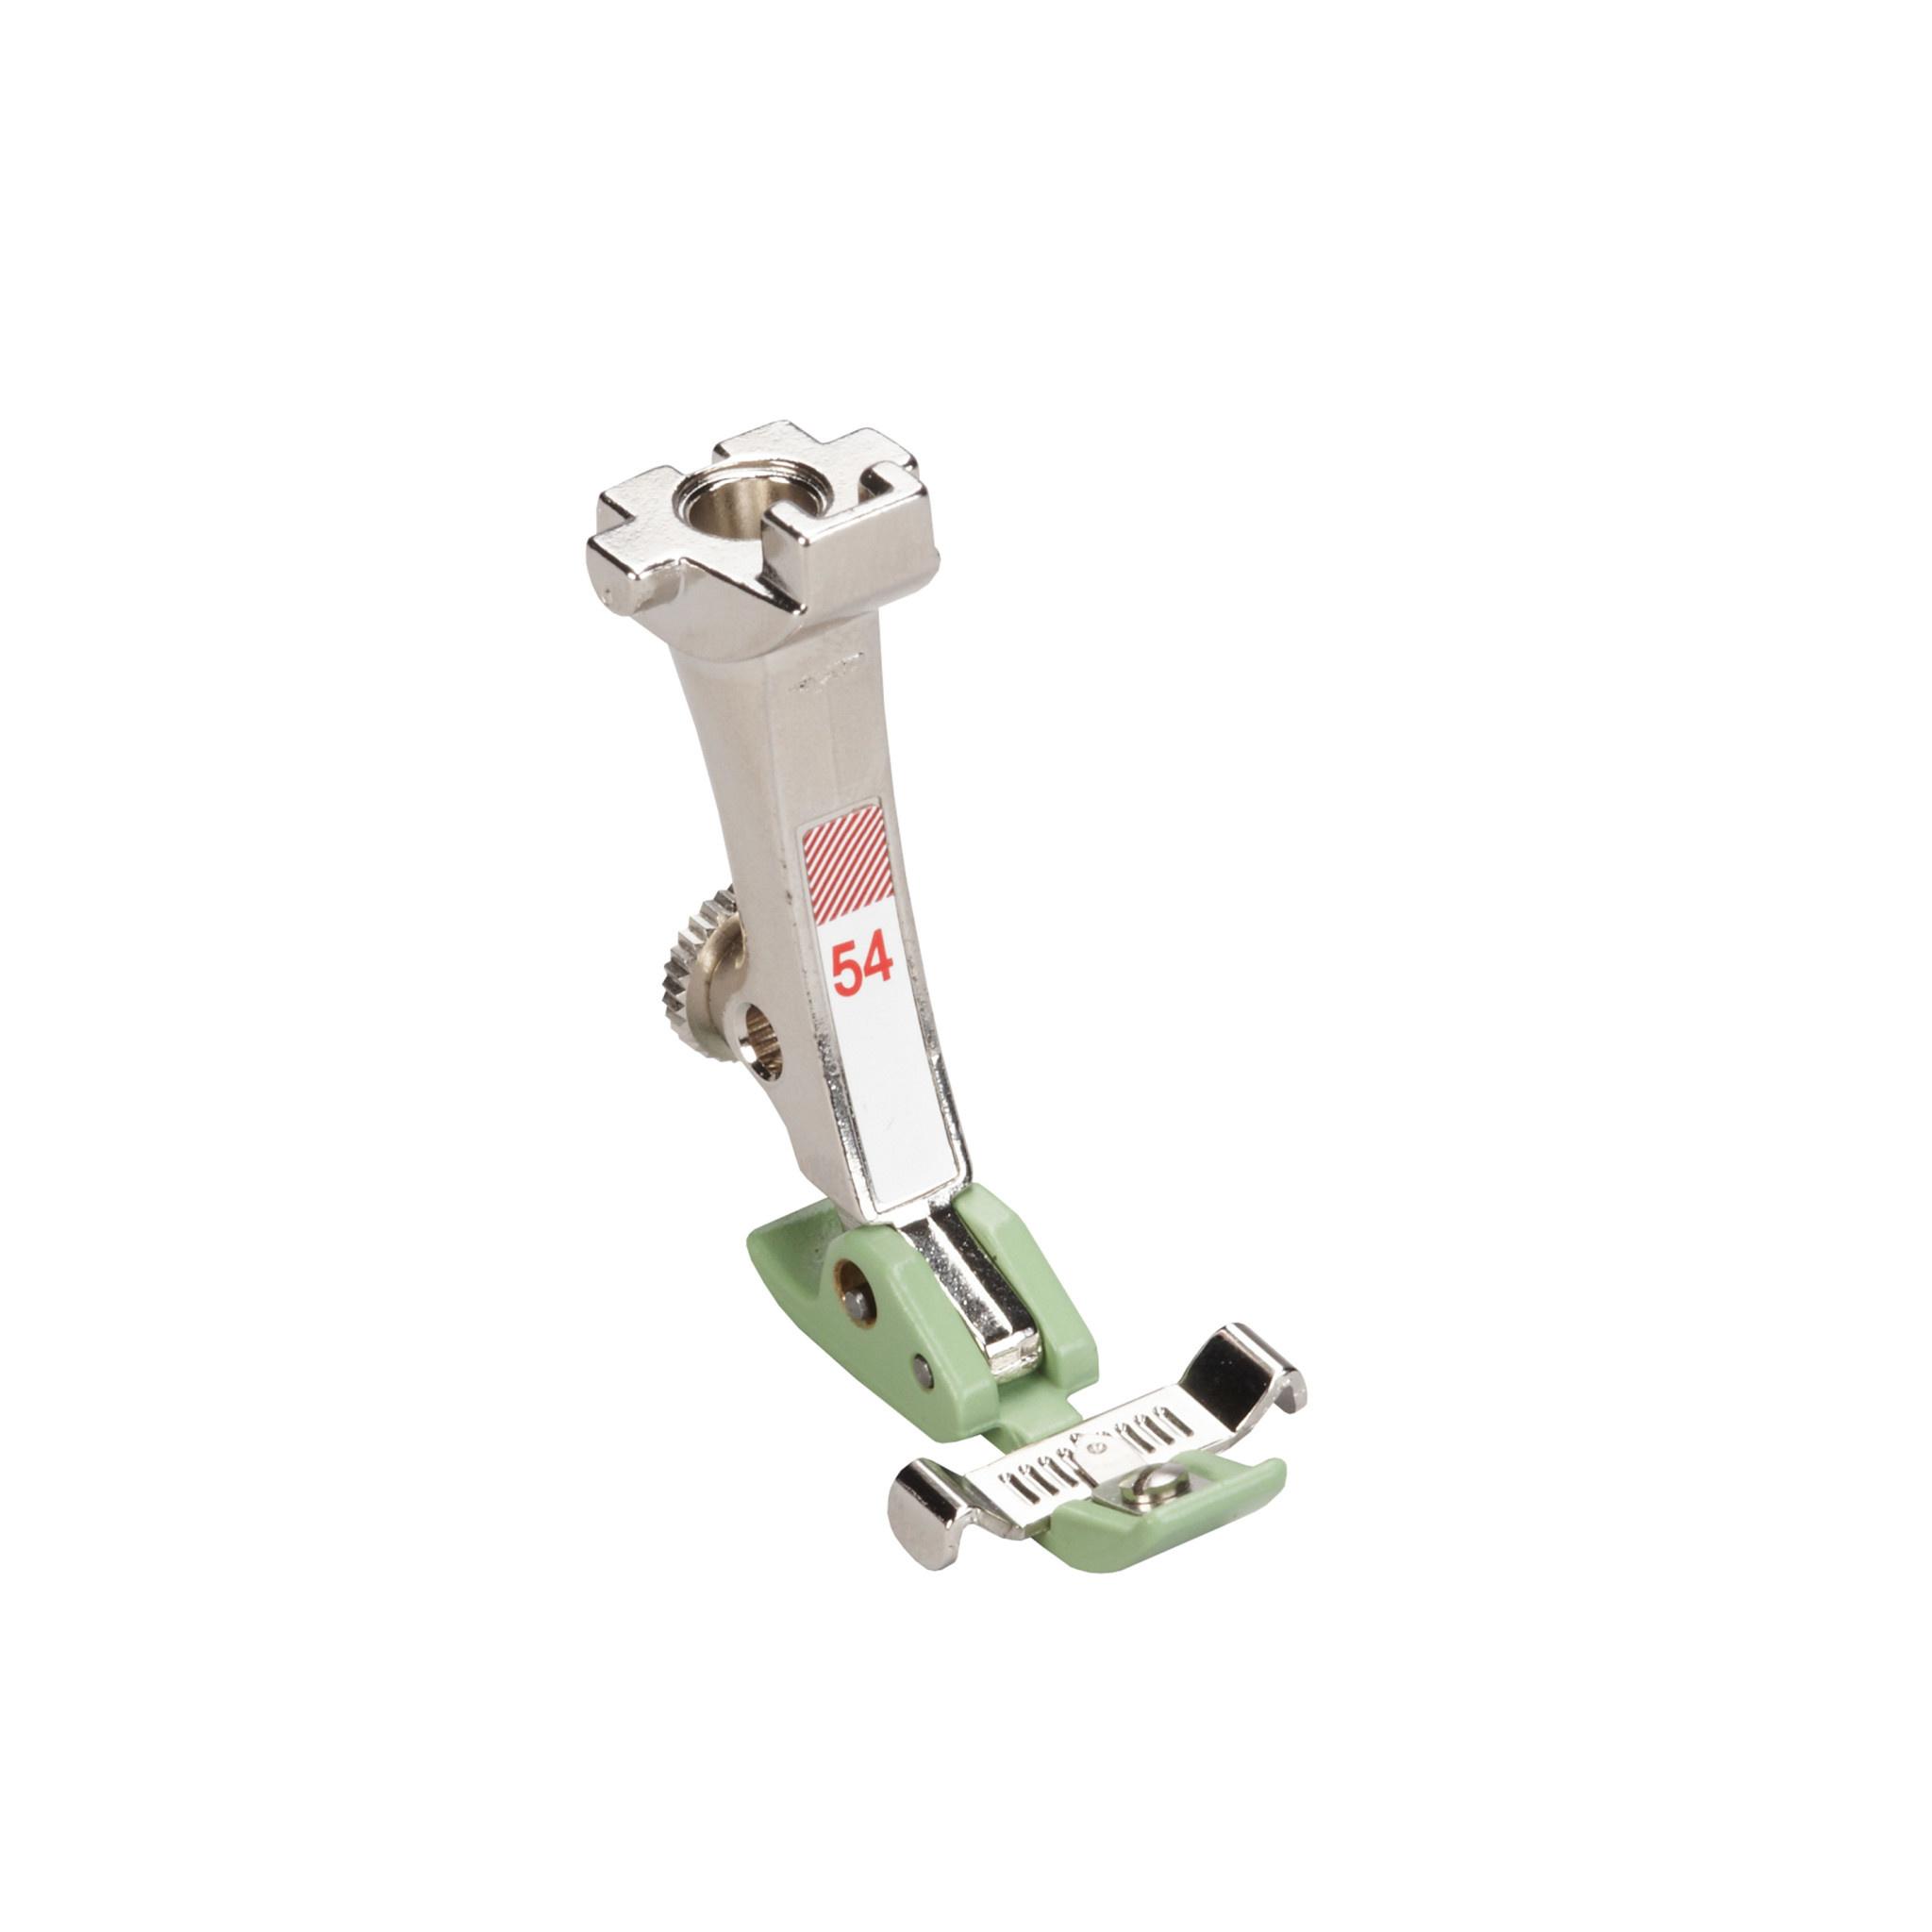 BERNINA Bernina #54 NonStick Zipper Foot